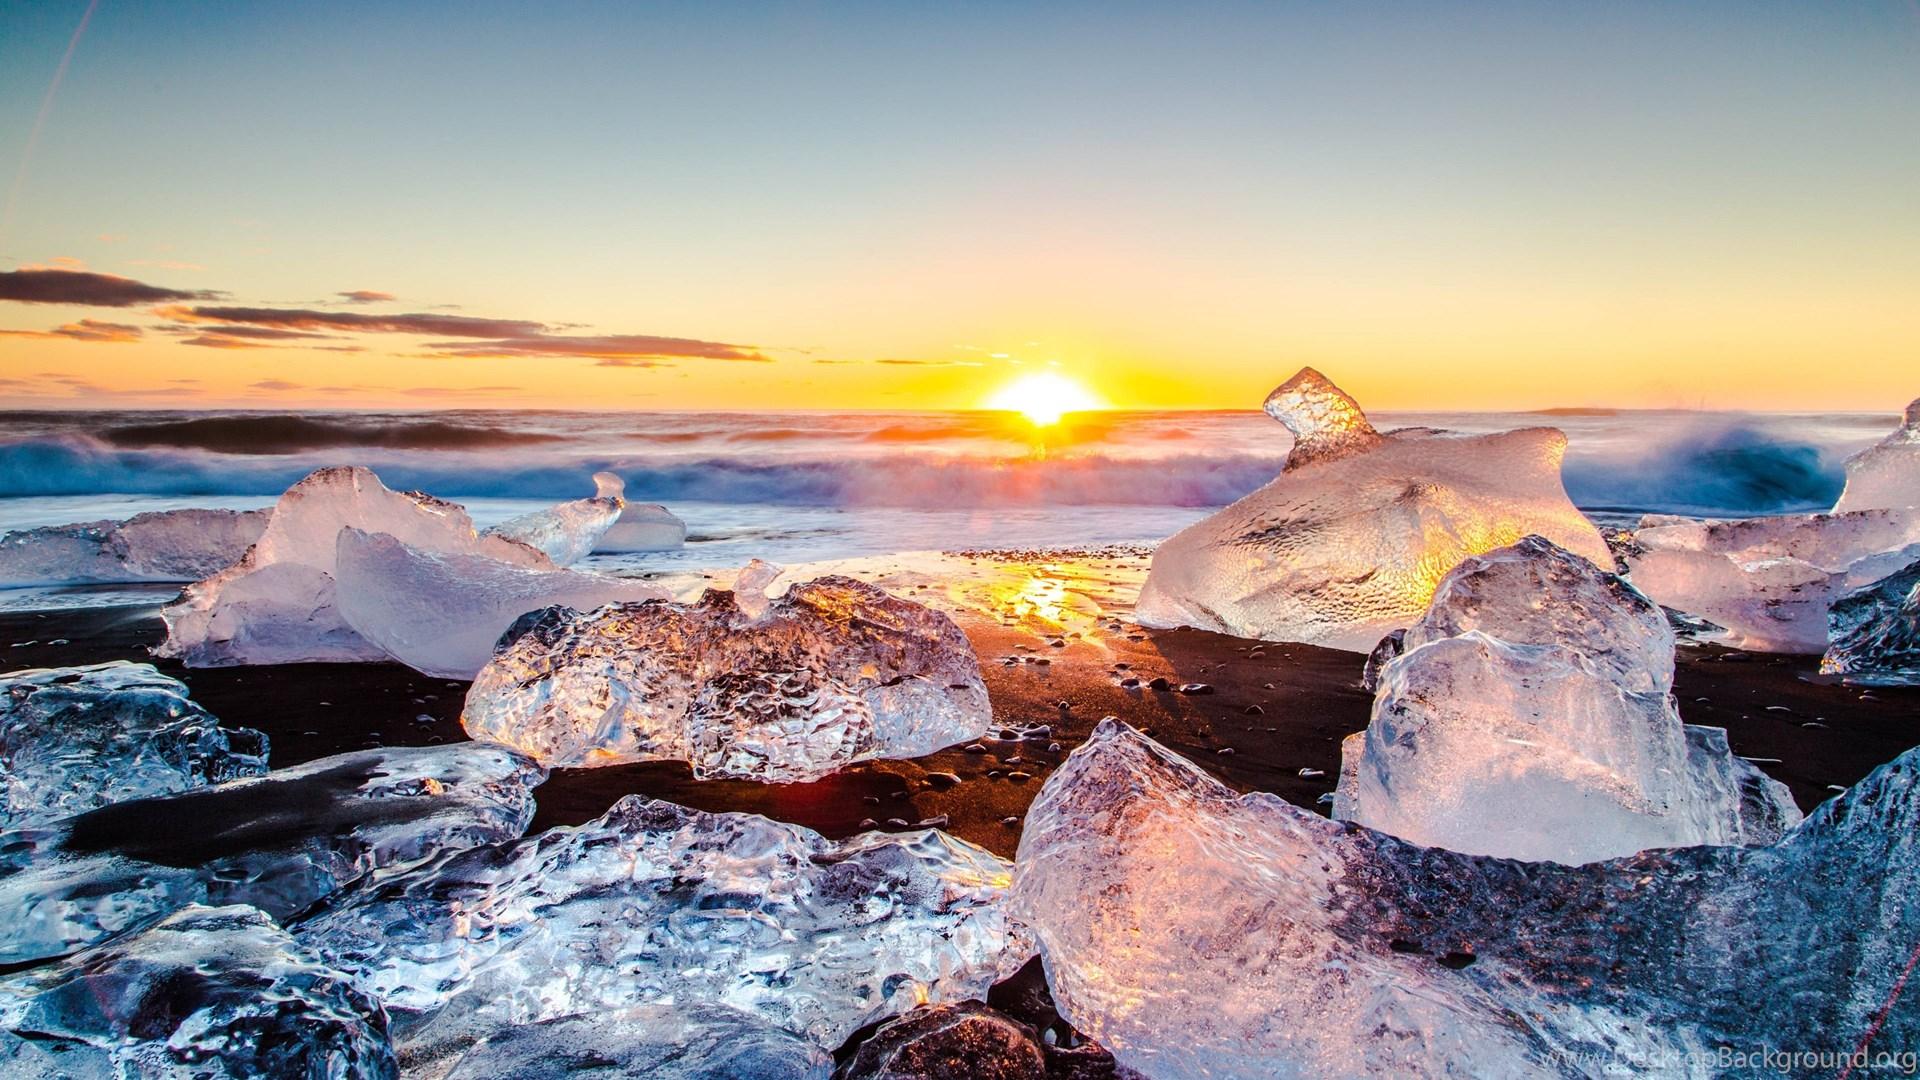 Ice 4k Natural Beauties Wallpapers Hd Wallpapers Desktop Background